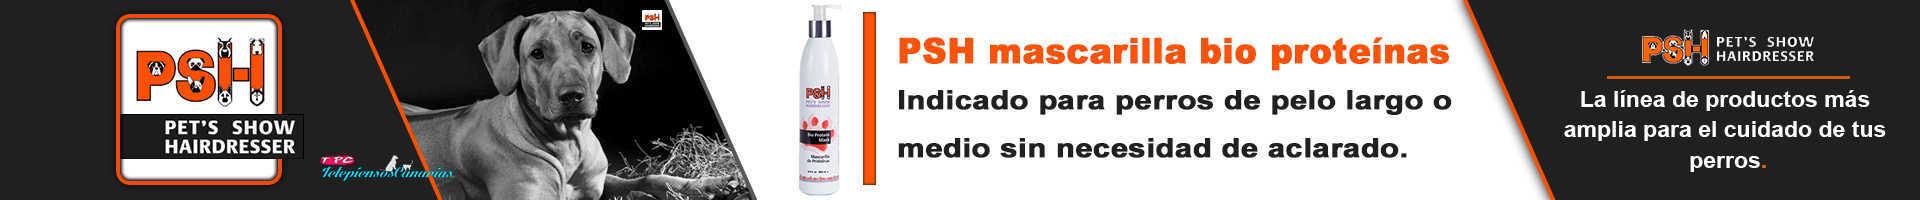 PSH mascarilla para perros bio proteínas